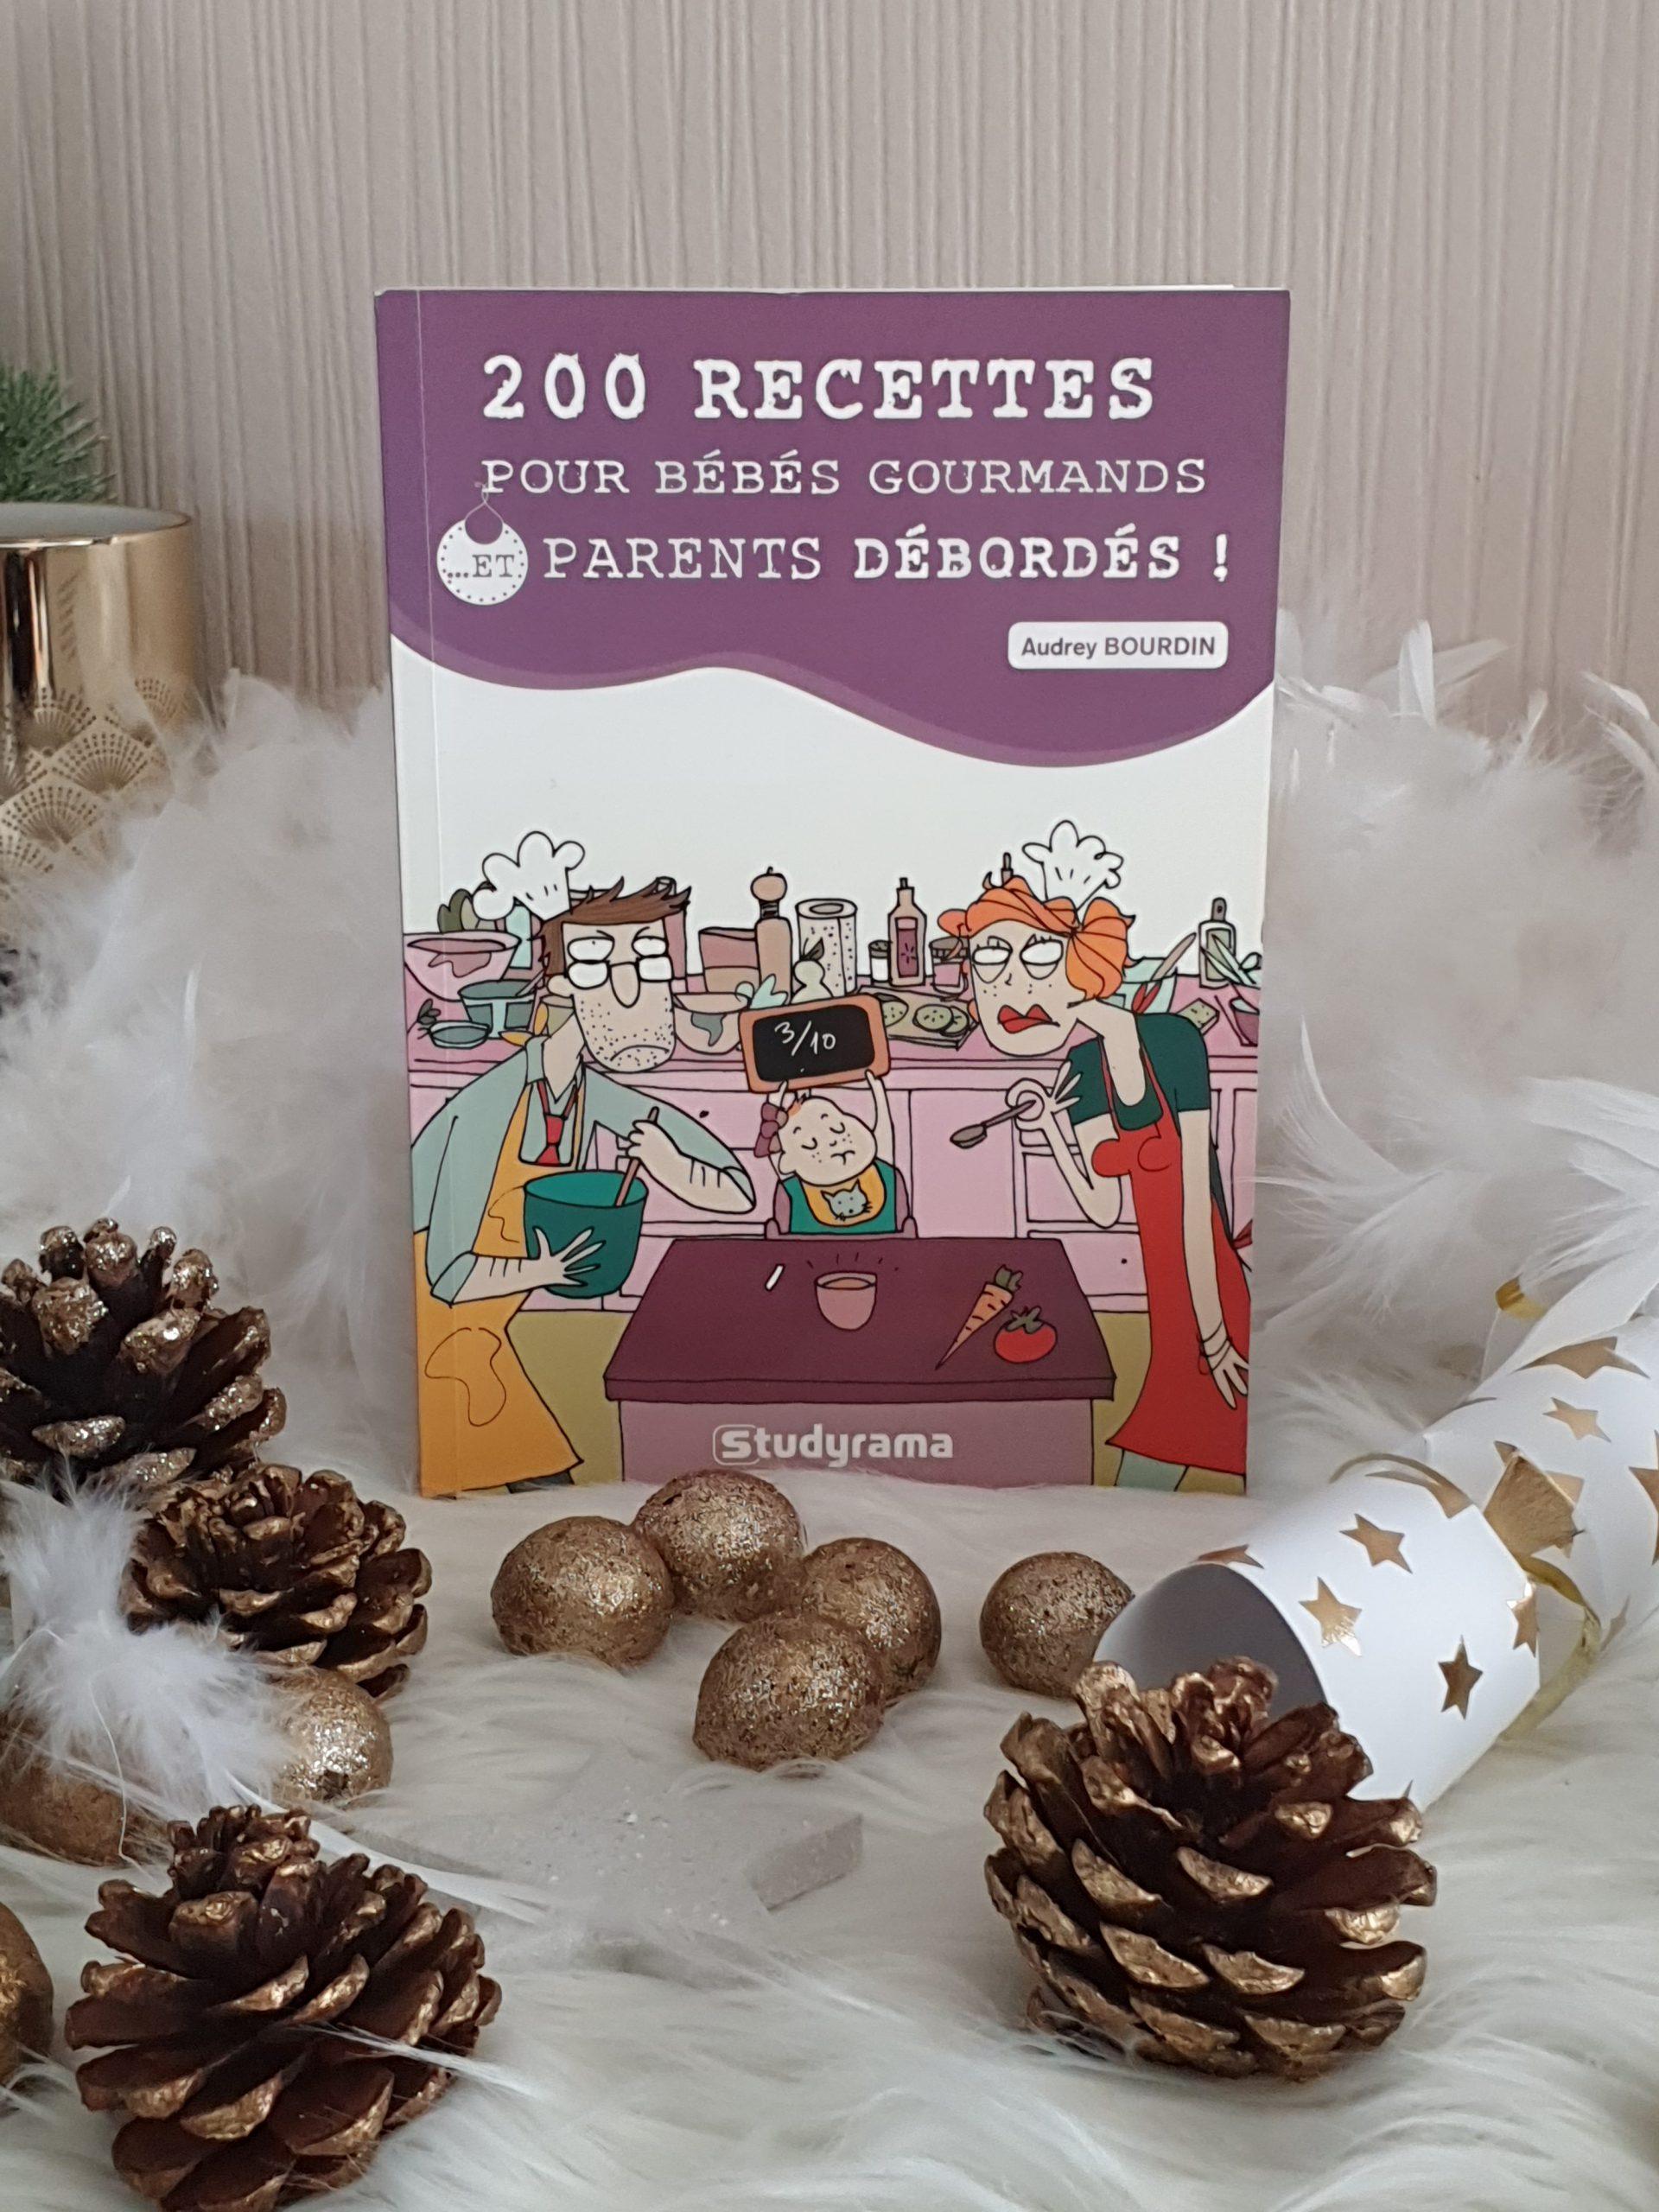 200 recettes pour bébé gourmand et parents débordés